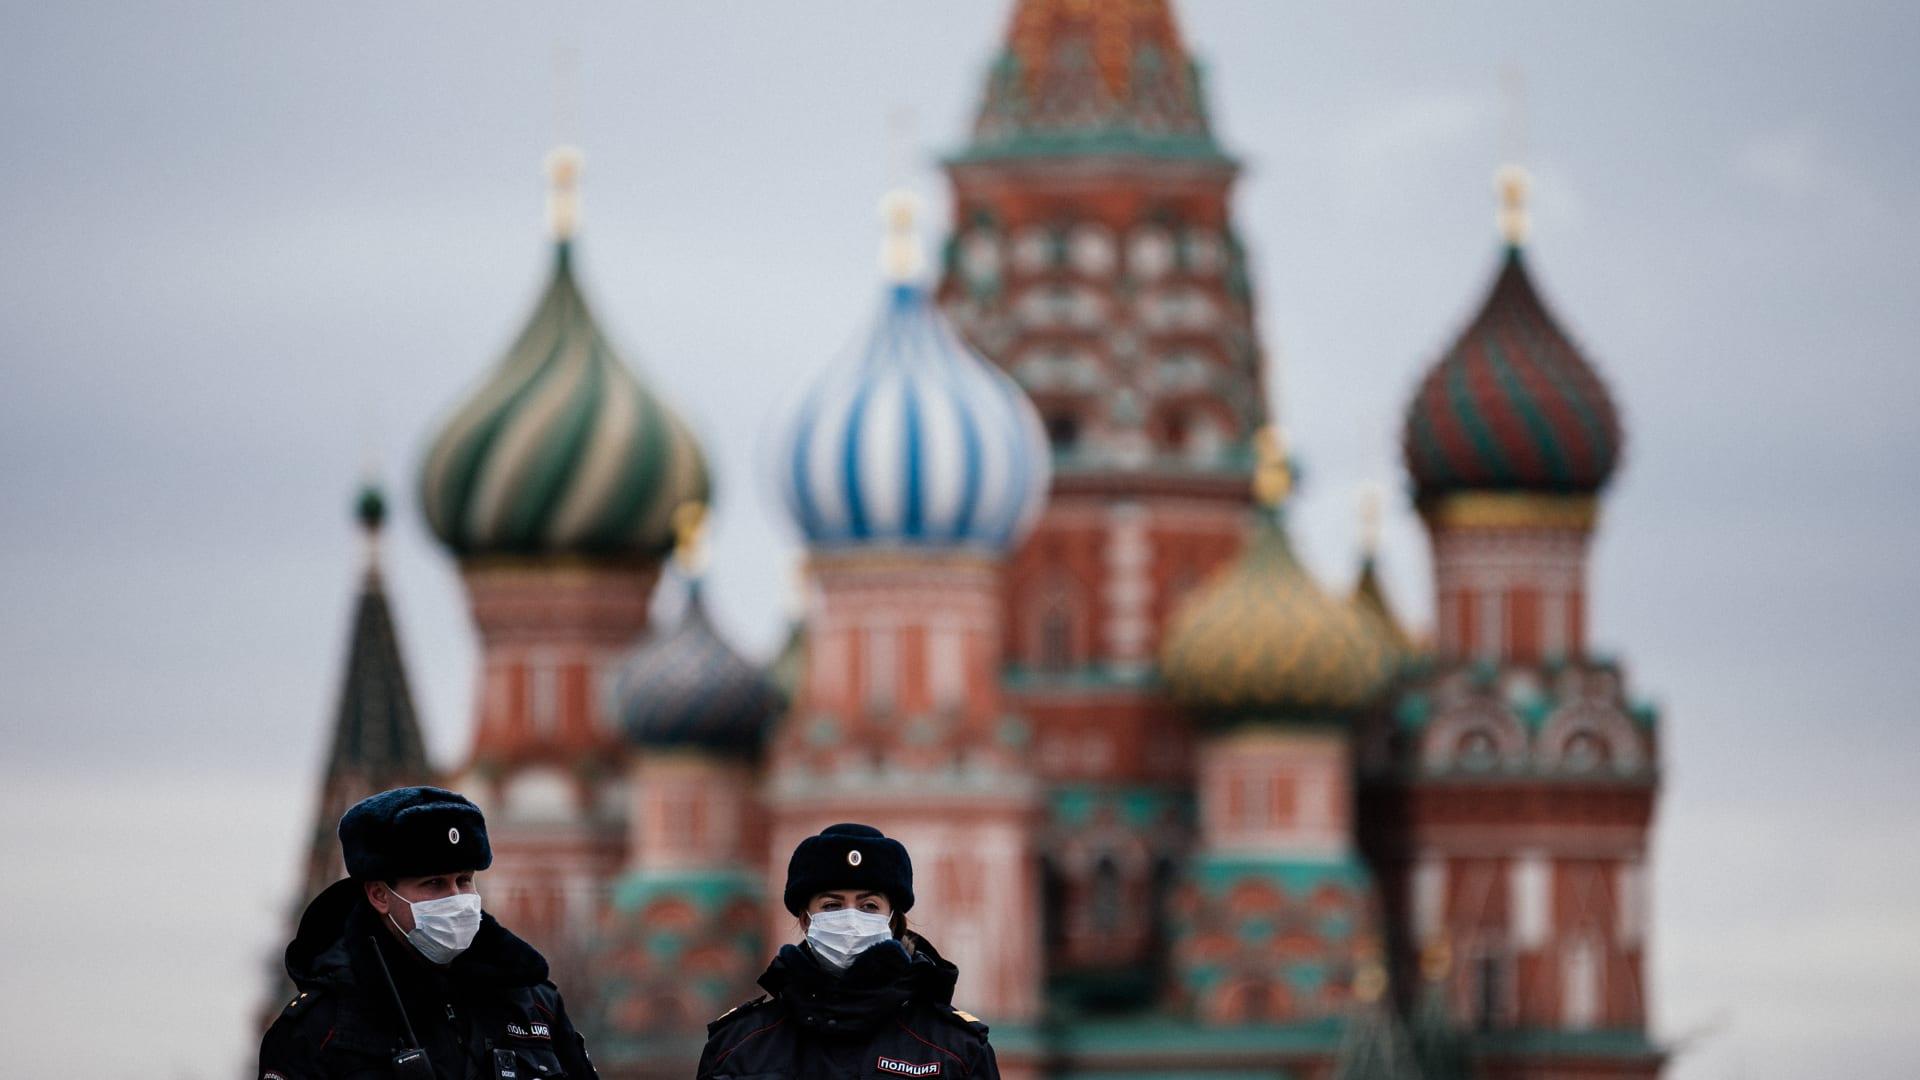 شاهد.. كيف حدث التدخل الروسي المزعوم بالانتخابات الأمريكية؟